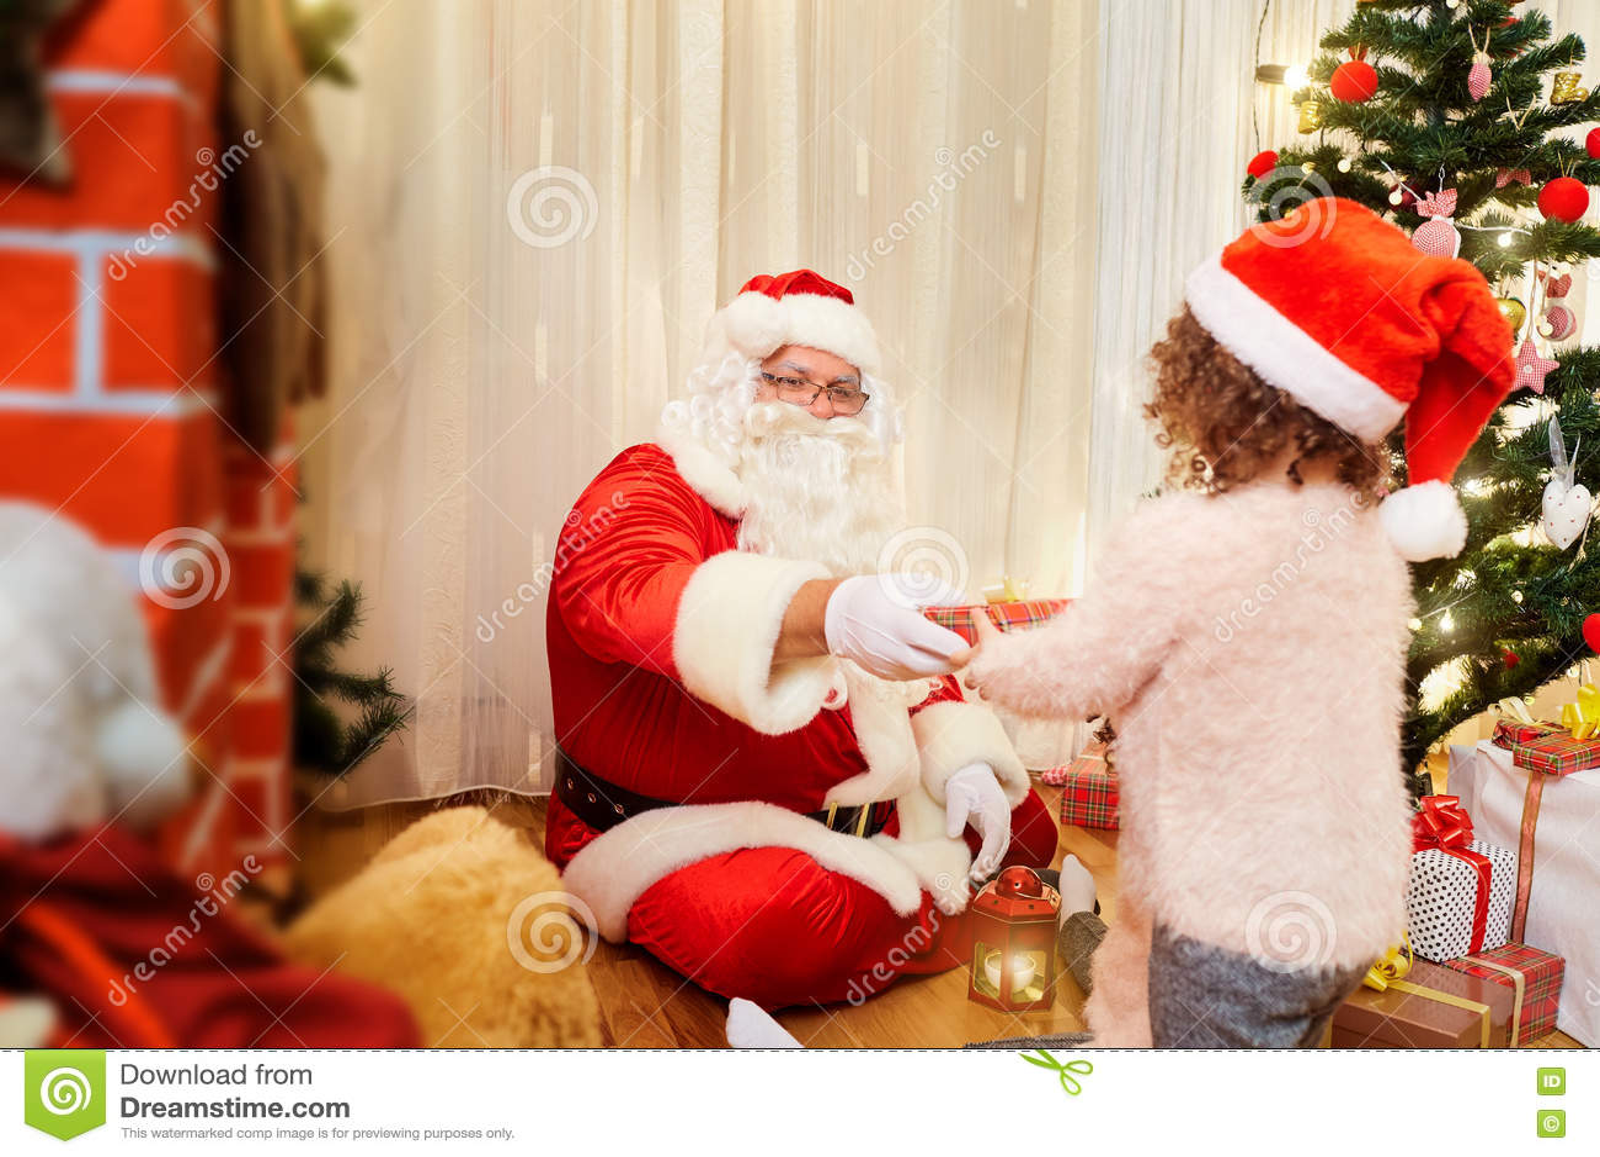 Άγιος Βασίλης δίνει στο παιδί ένα δώρο για τα Χριστούγεννα στο εσωτερικό σε ένα ro